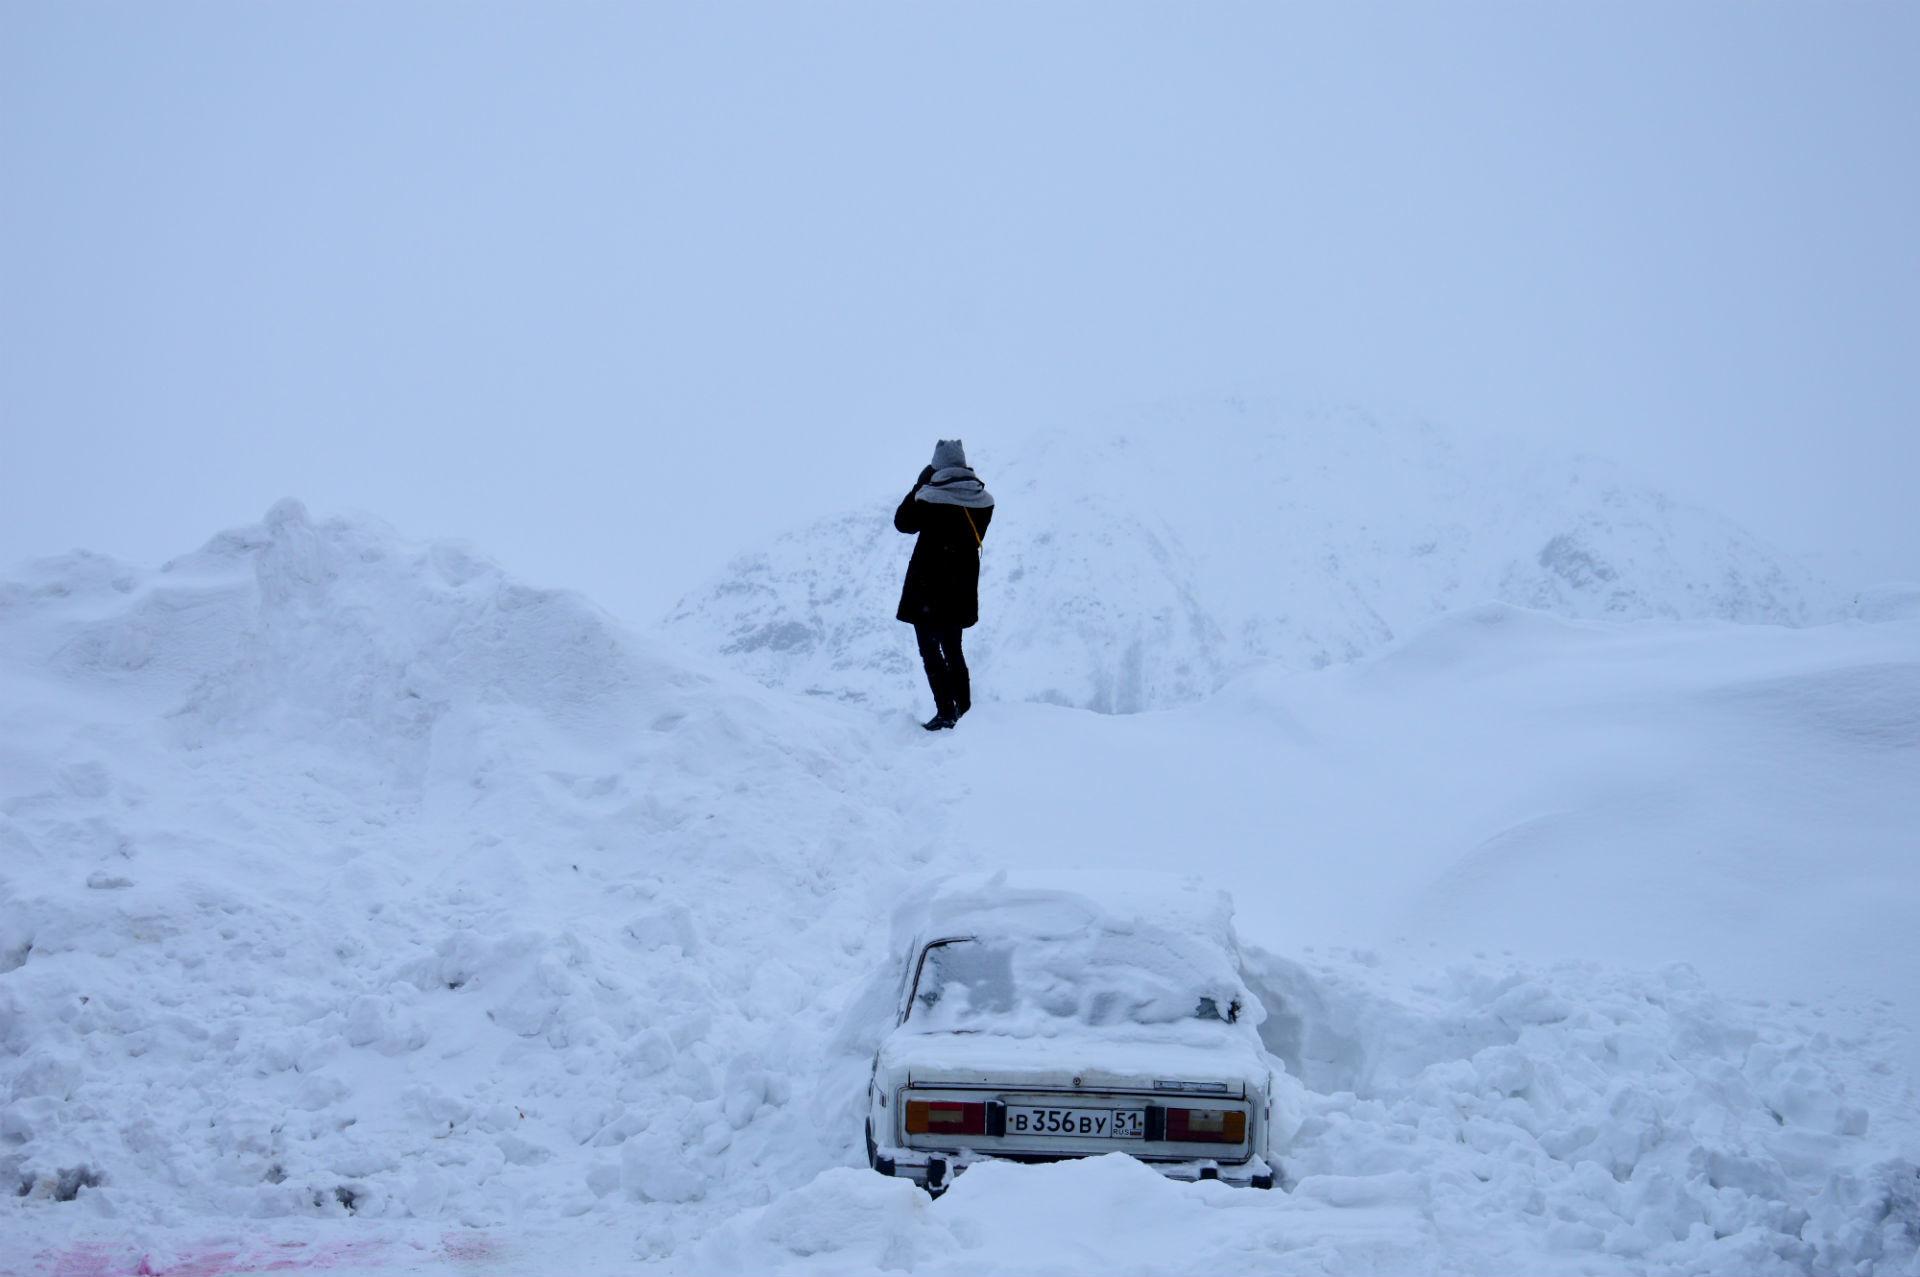 Beli sneg in tišina pričarata nerealno izkušnjo.